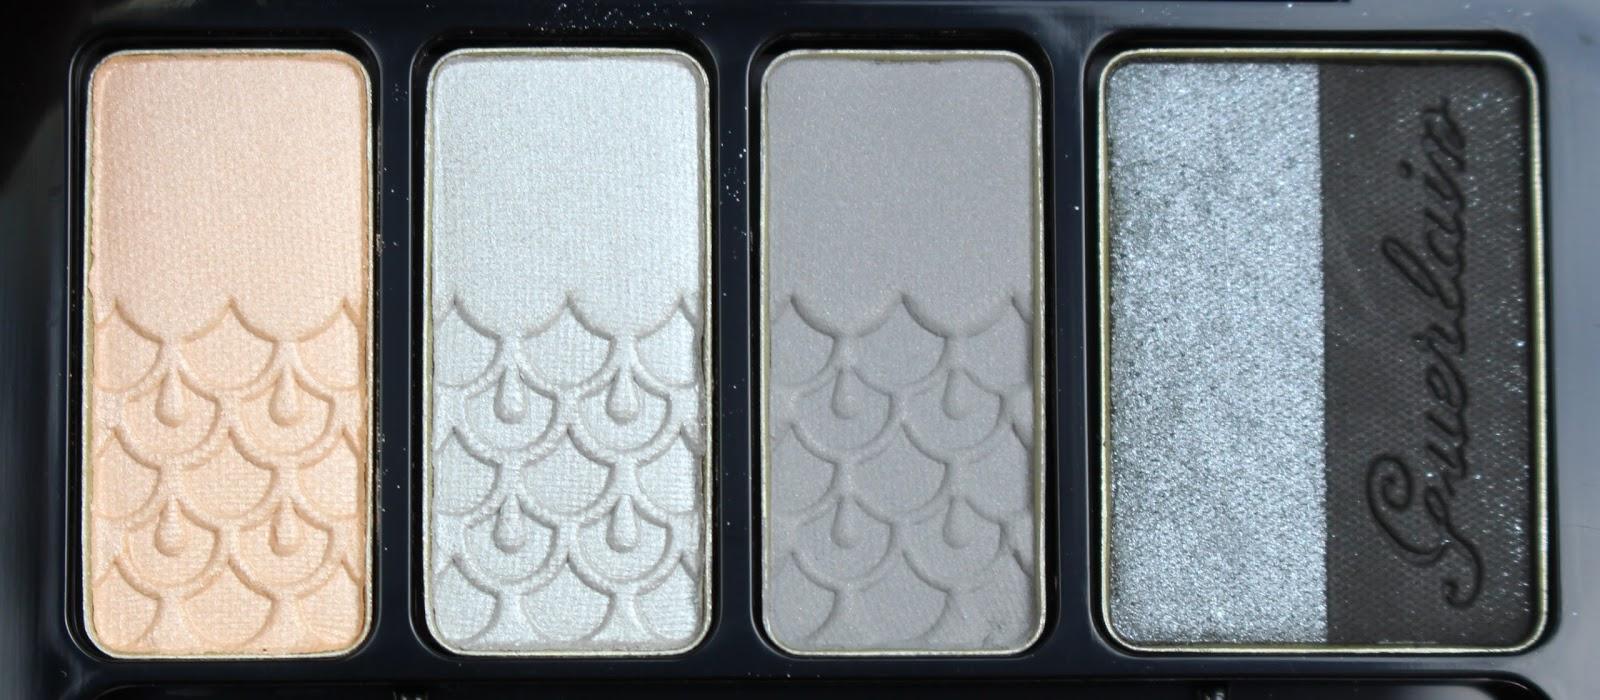 palette 5 couleurs - guerlain (+tuto) - charline rgn - blog beauté